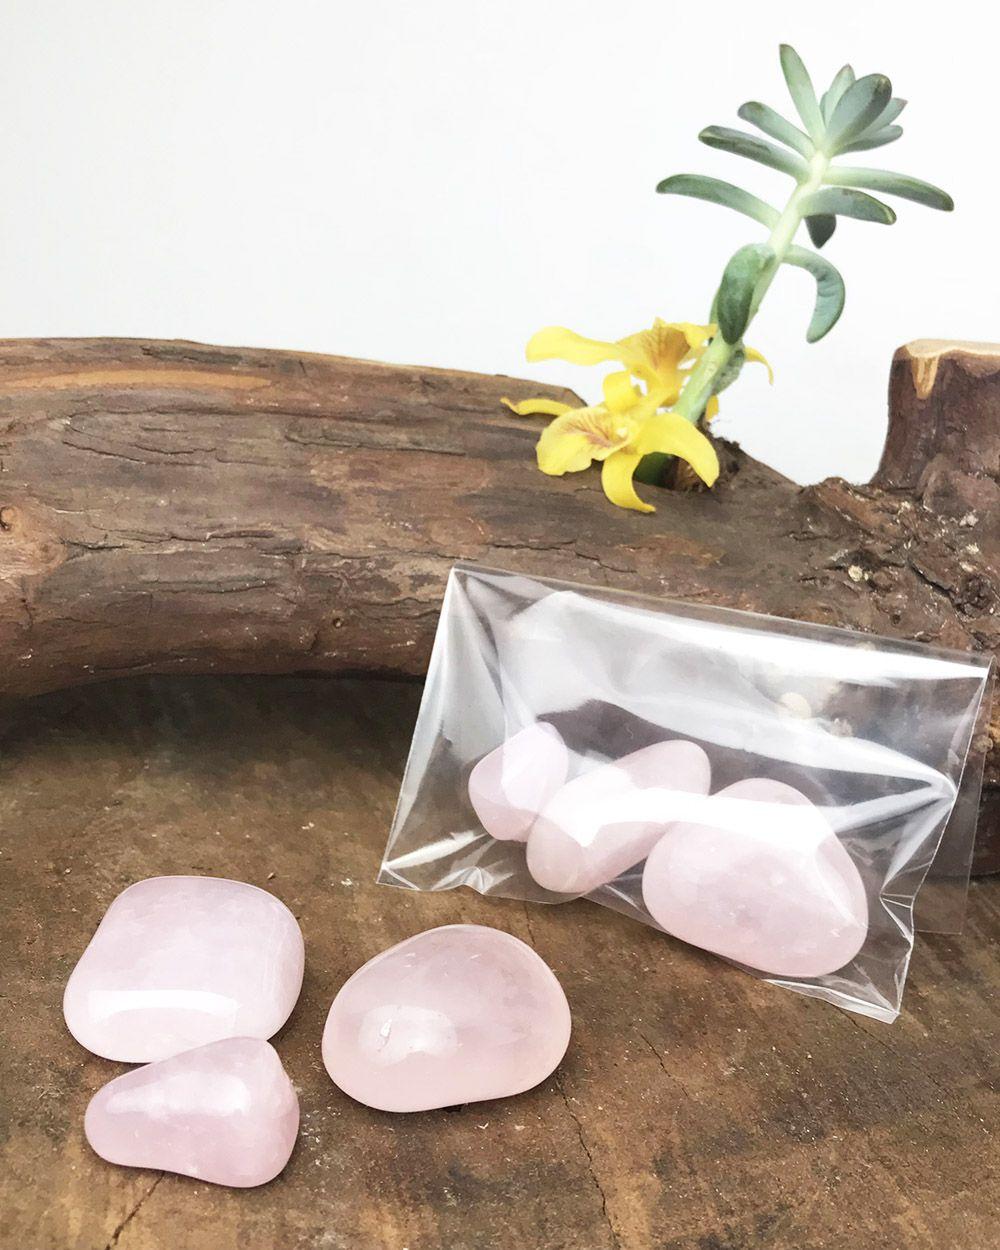 QUARTZO ROSA ROLADO - Pacote com 3 pedras - Total 45 a 55g